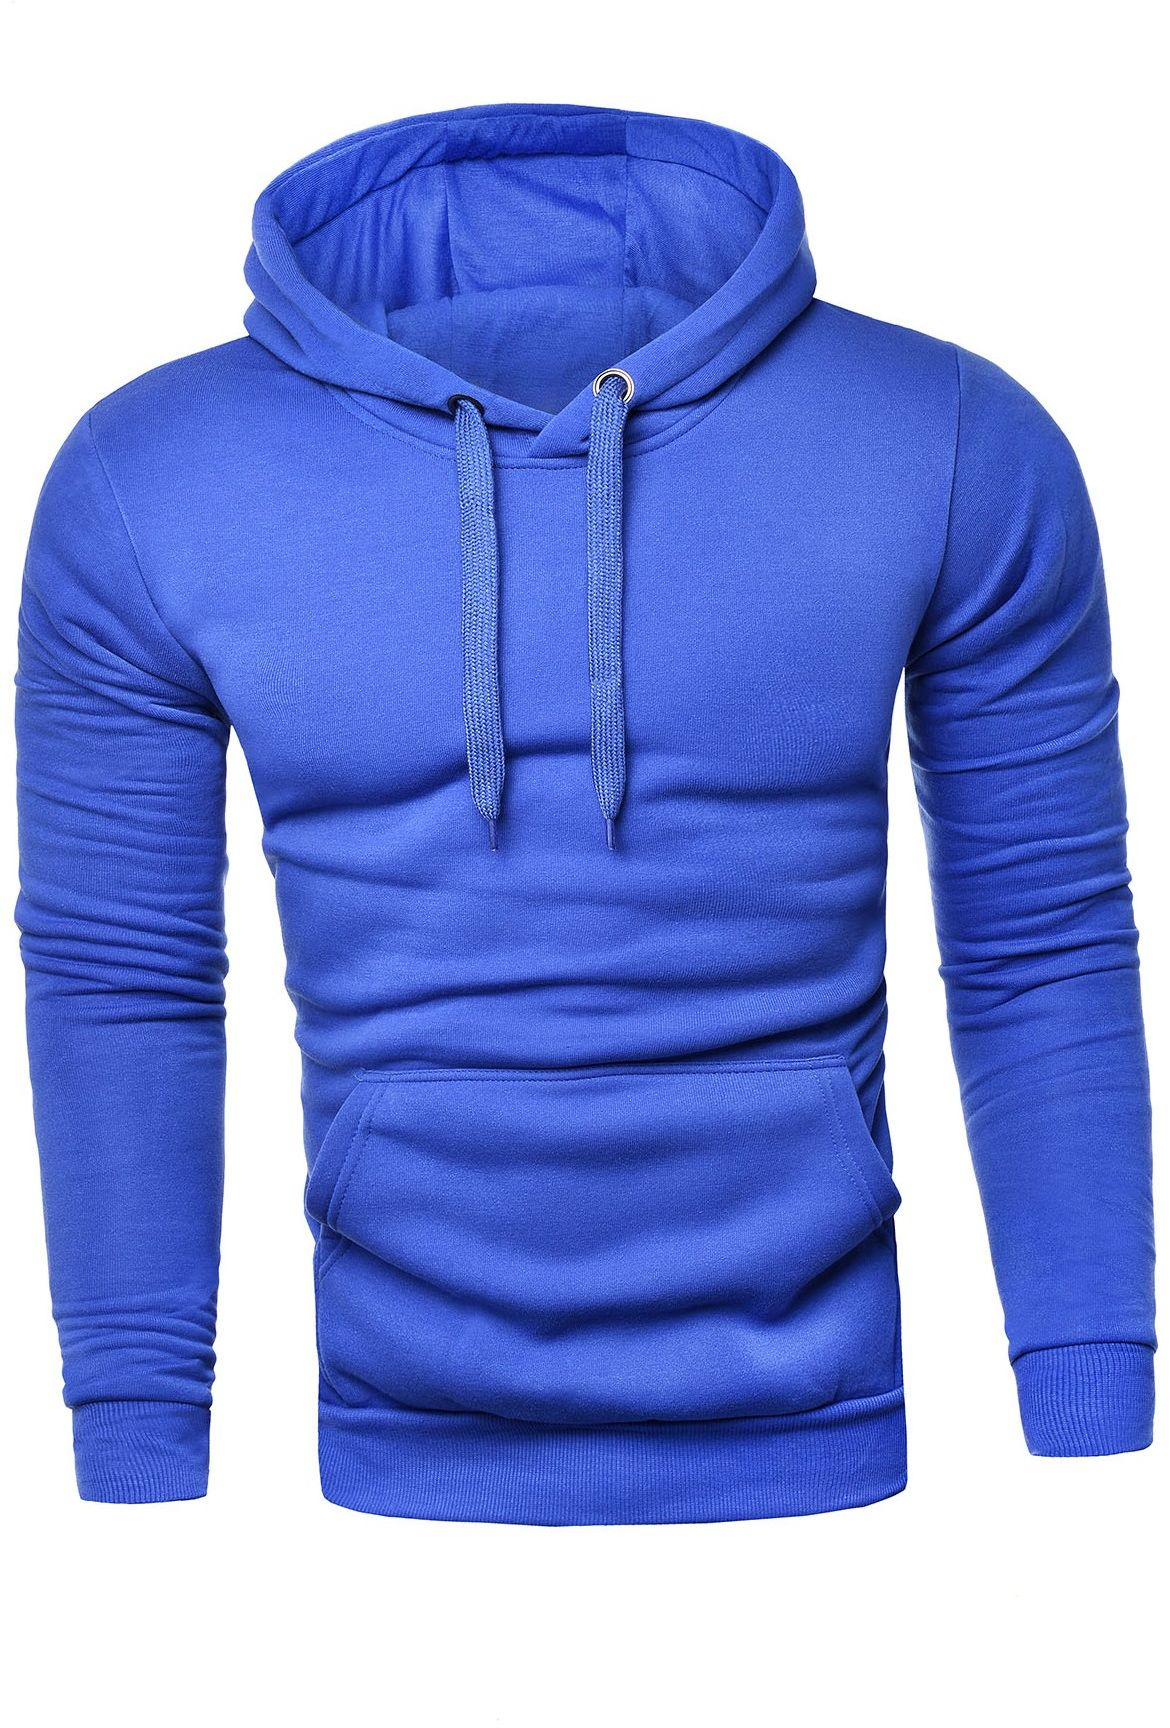 Męska ciepła bluza sg1 - kobaltowa